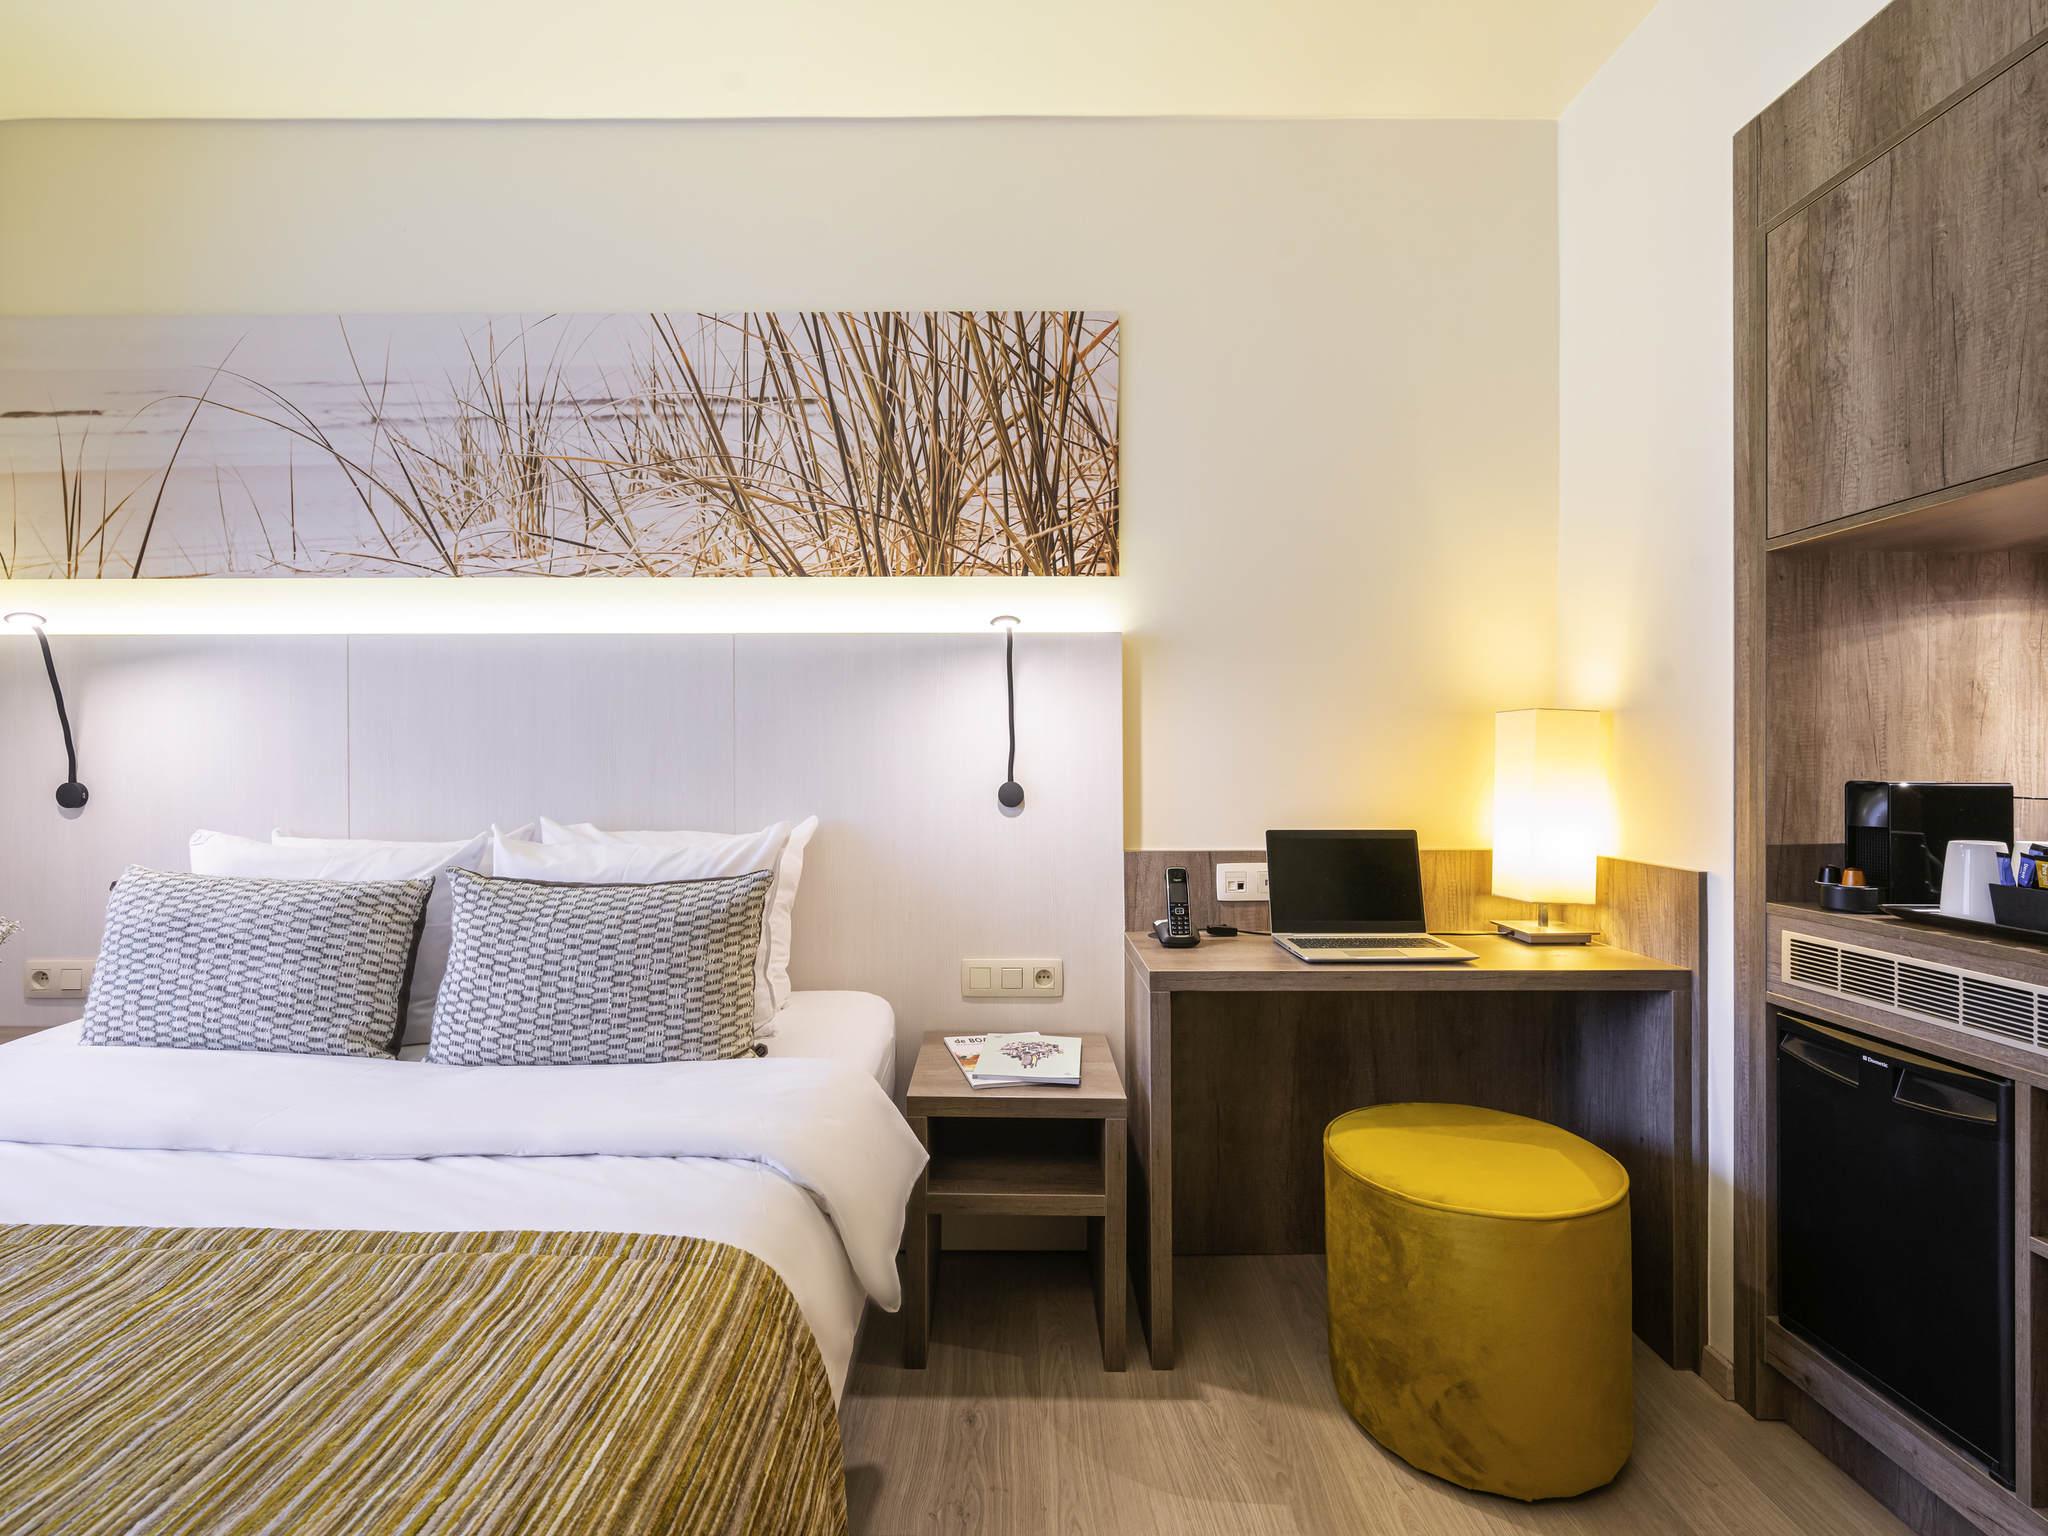 โรงแรม – โรงแรมเมอร์เคียว ออสเทนด์